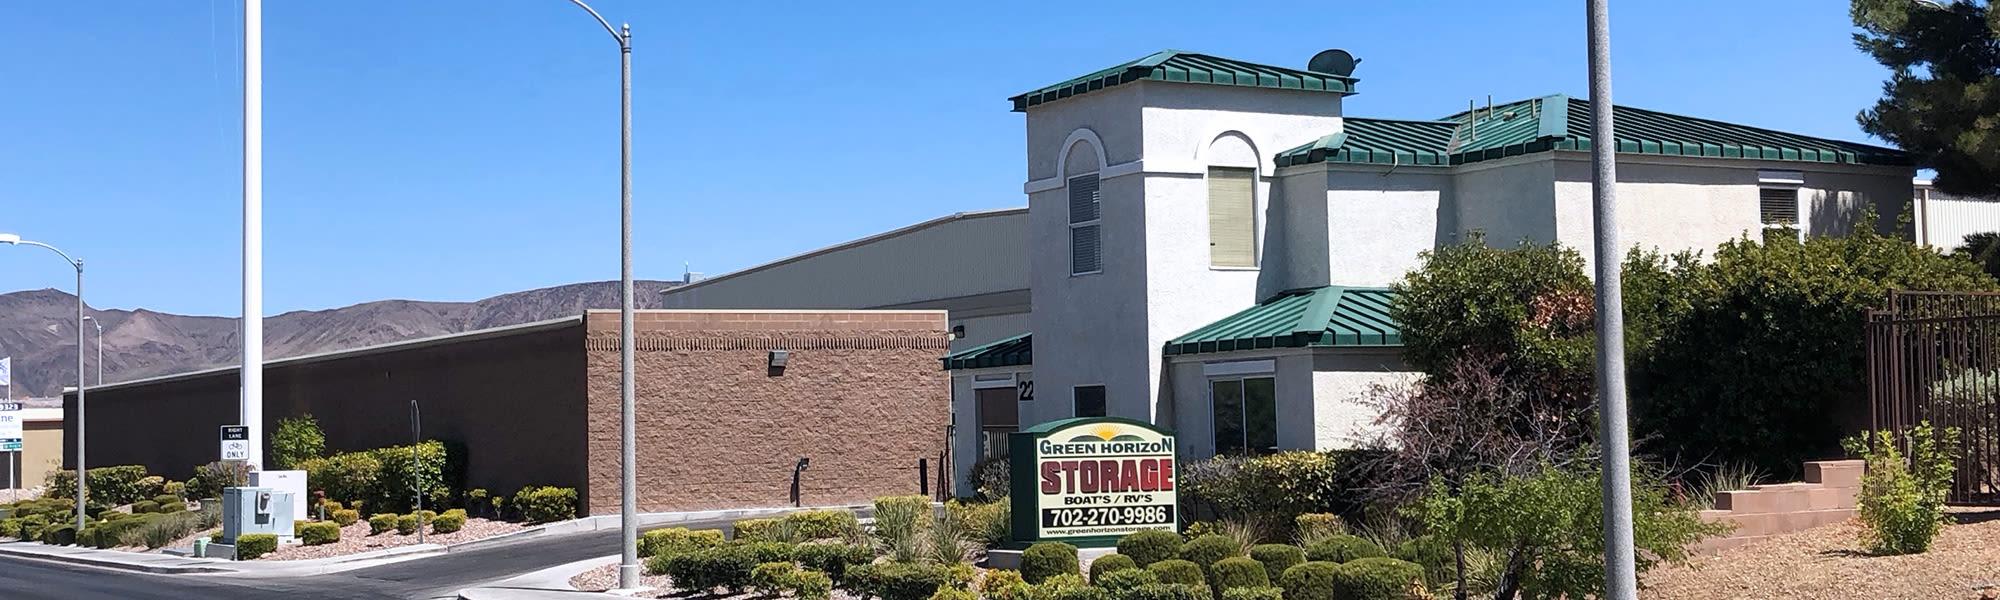 Storage Units Henderson Nv Golden State Storage